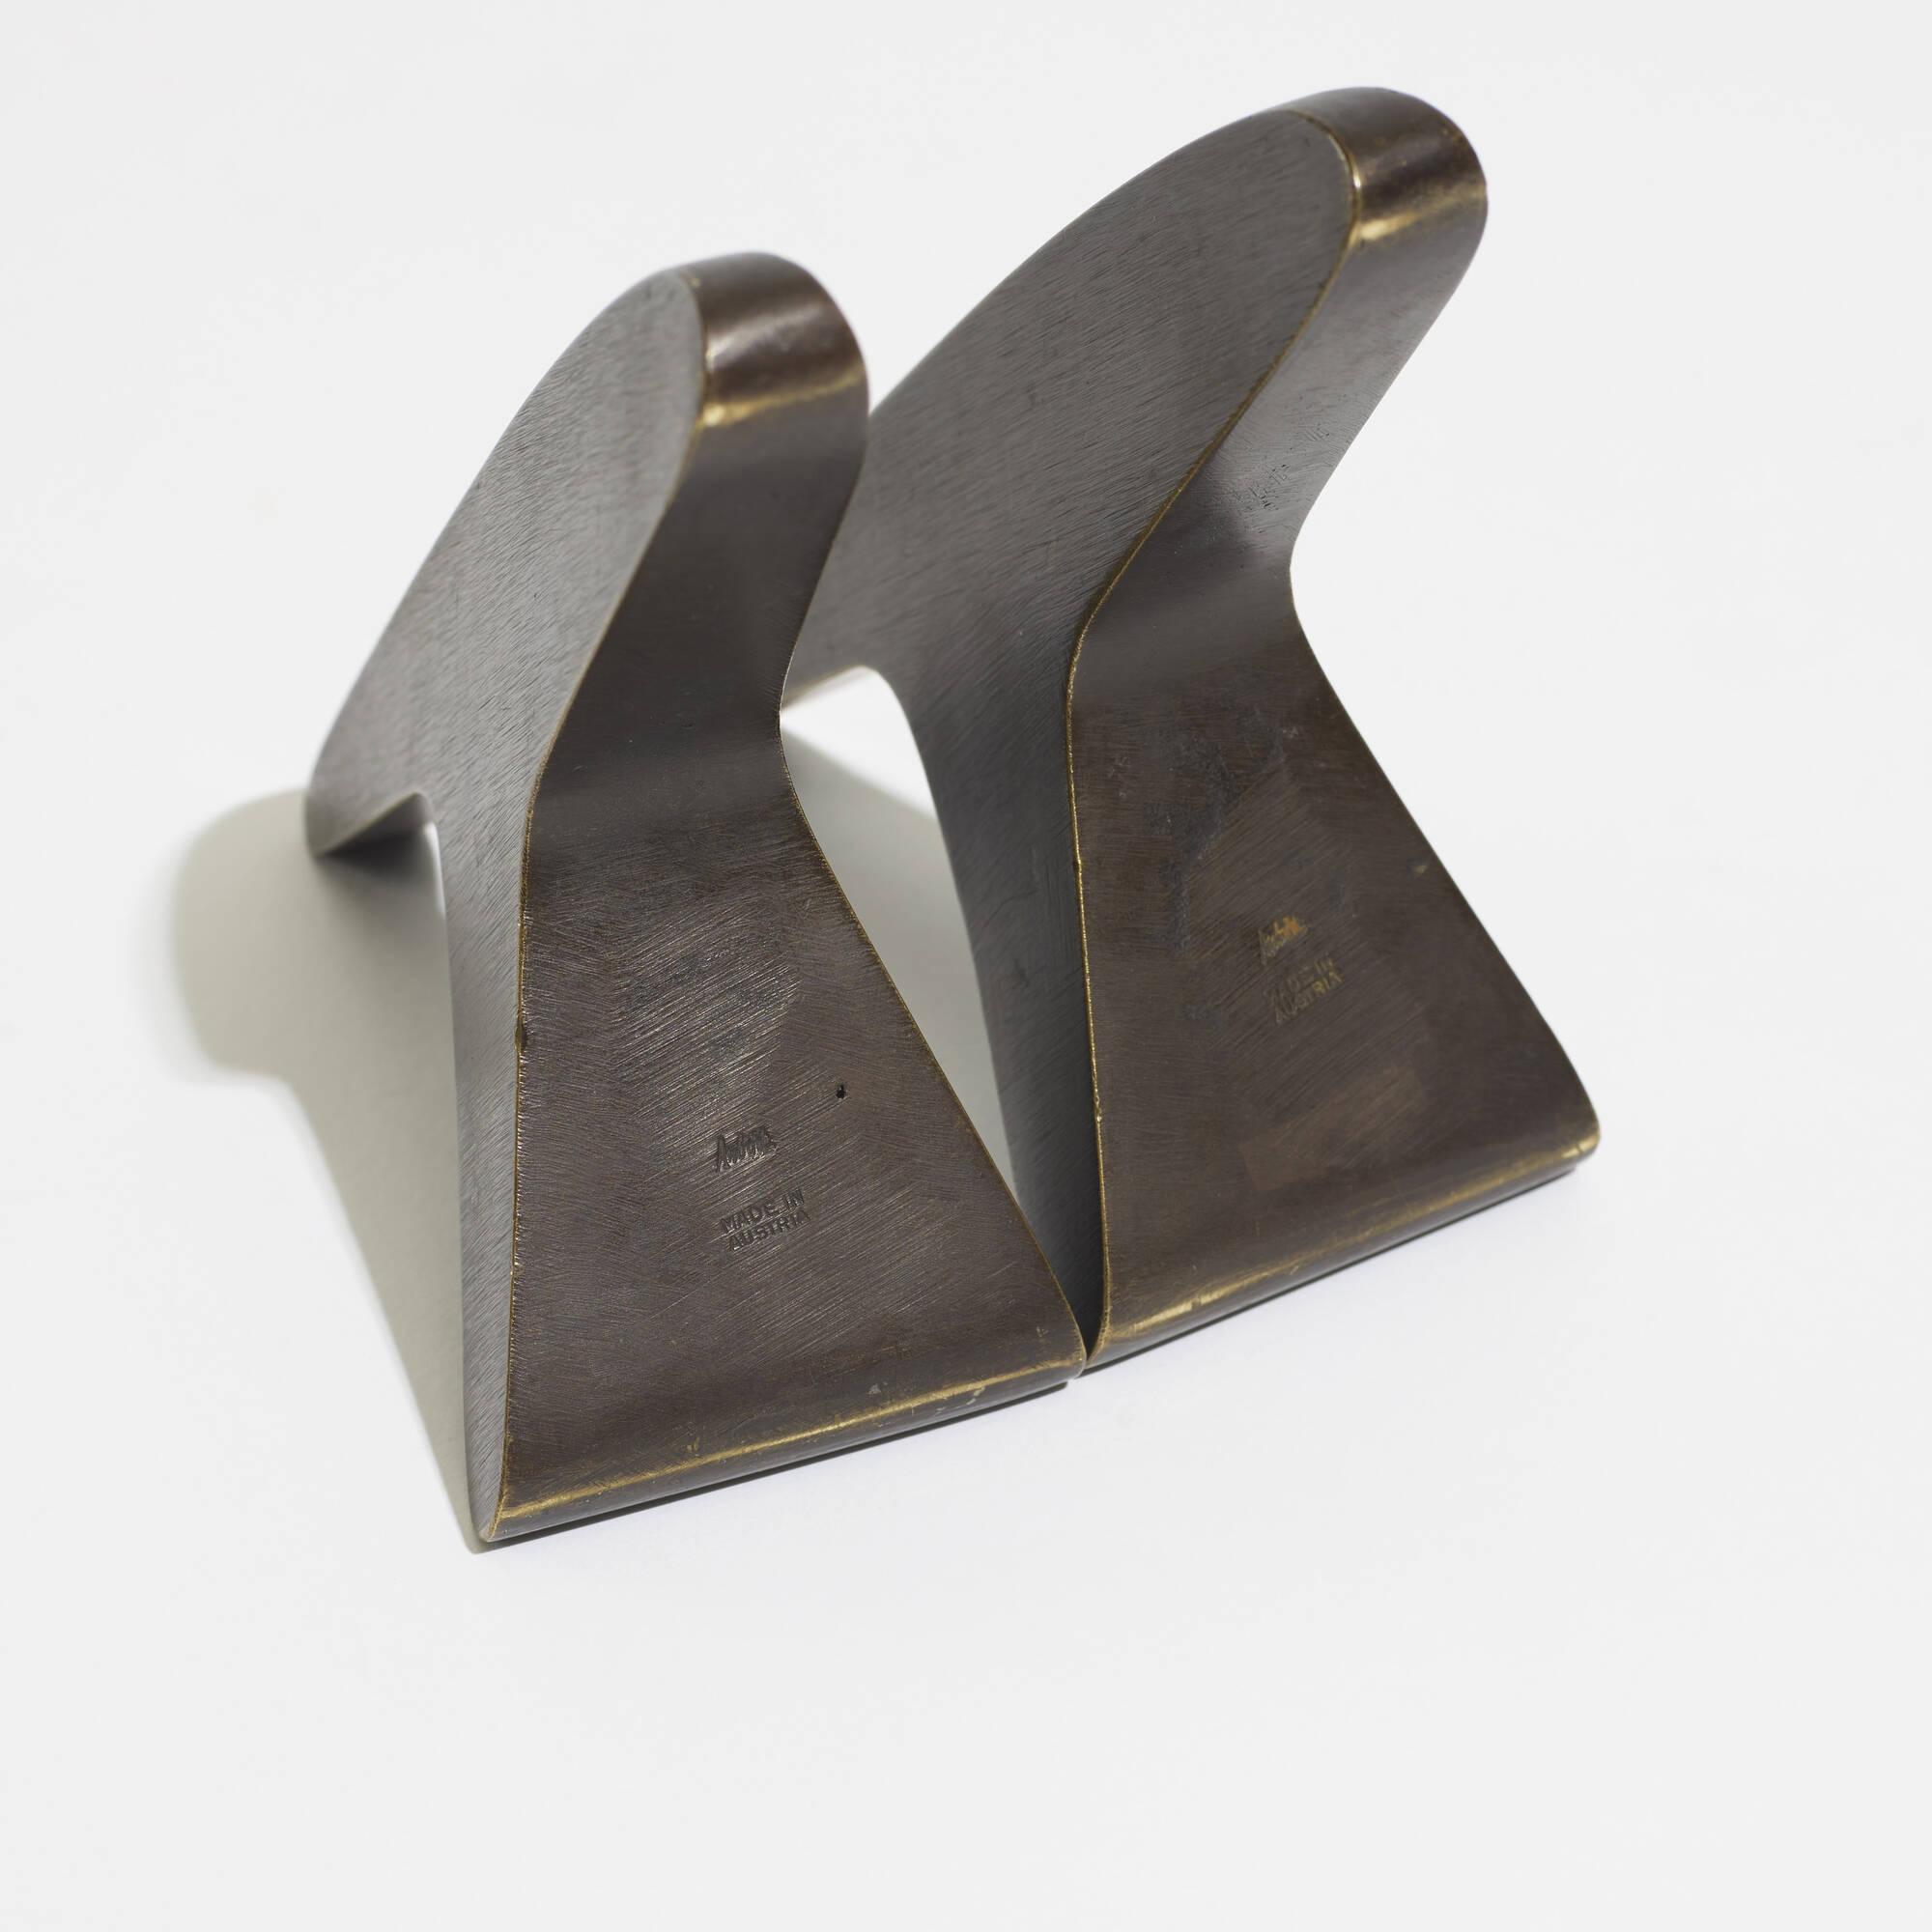 132: Carl Auböck II / bookends model 3847, pair (3 of 3)